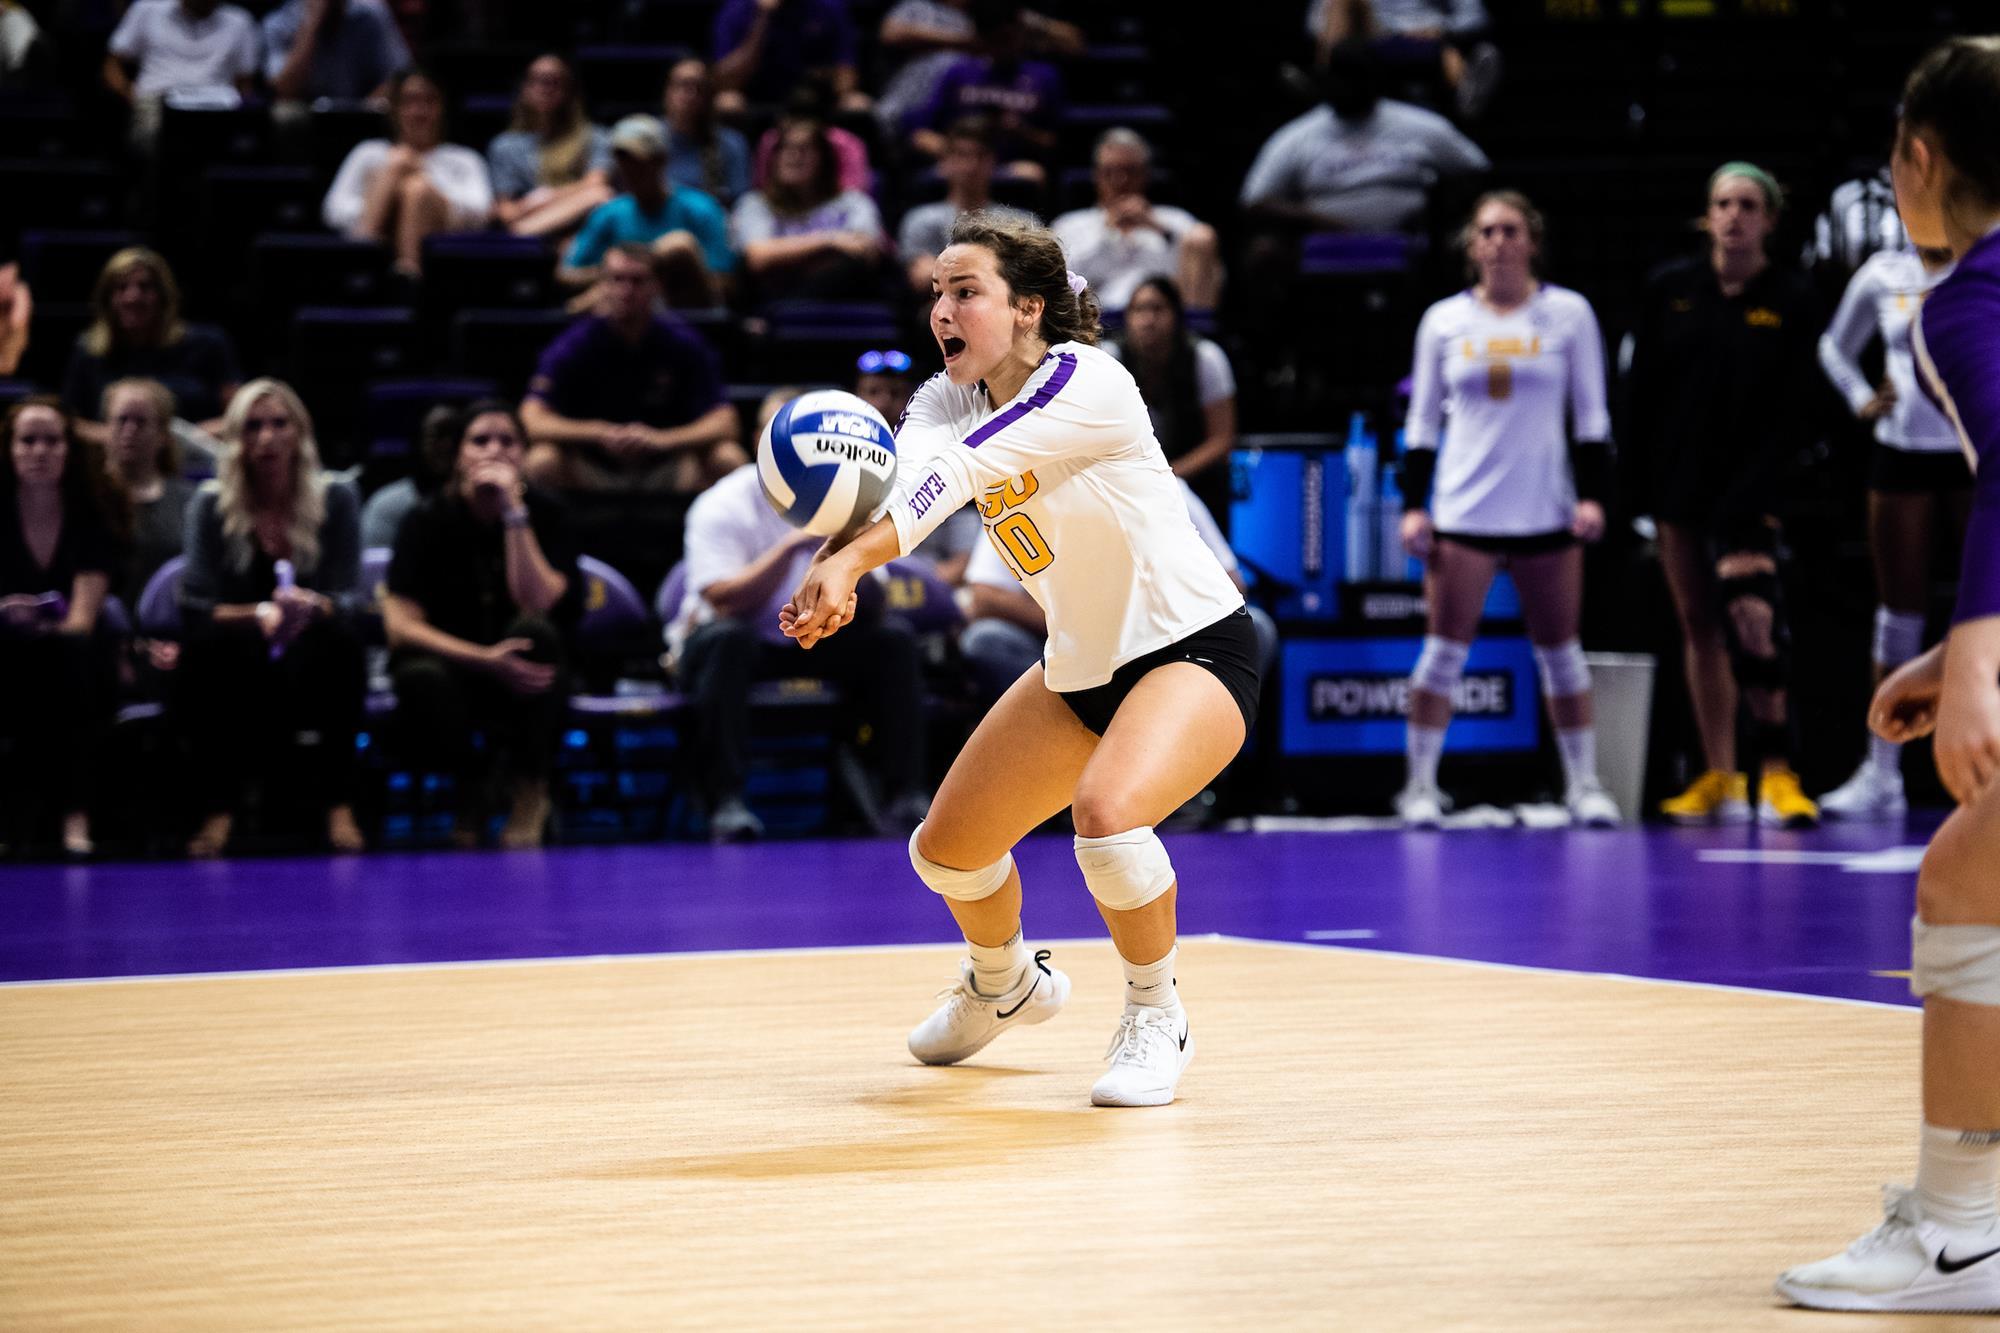 Jill Bohnet 2020 Volleyball Lsu Tigers